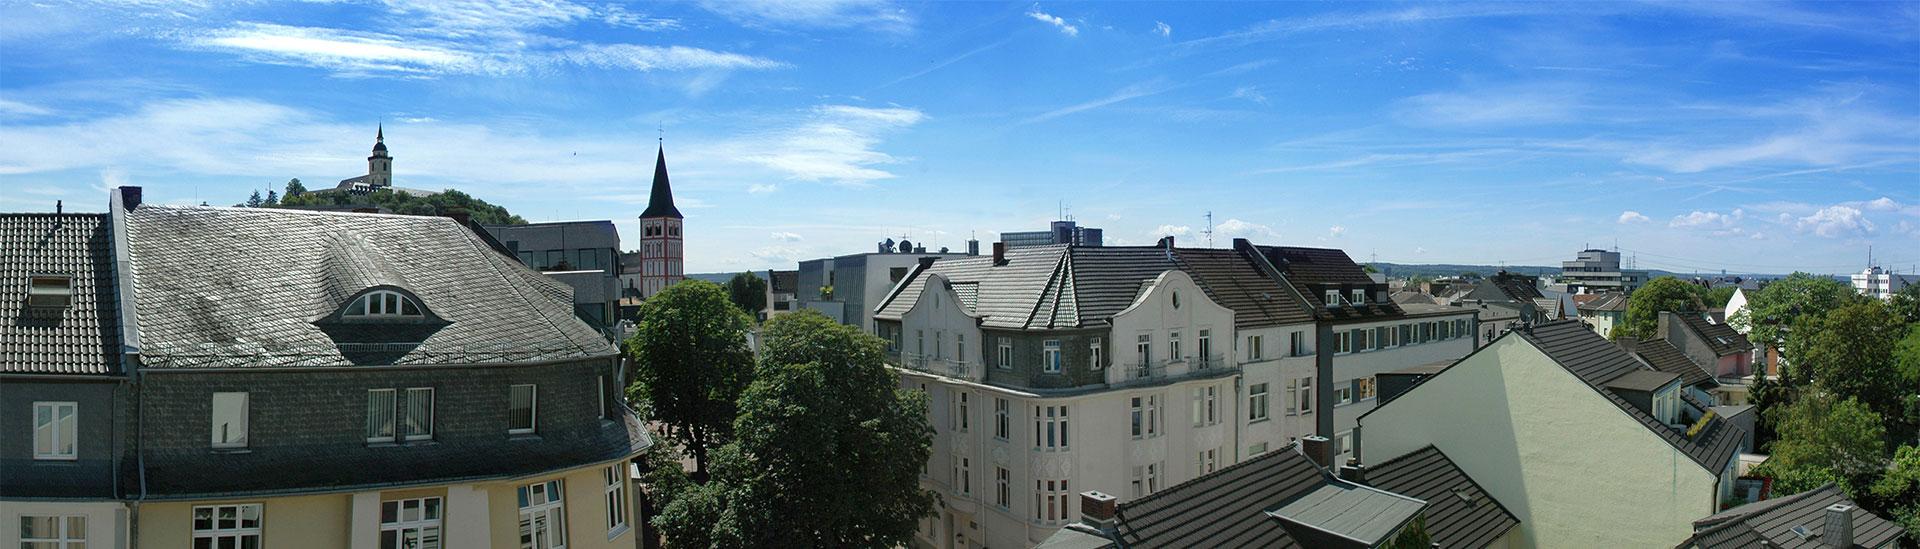 Auf dem Bild sieht man das Siegburger Bahnhofsgebäude mit dem Cinelux-Kino